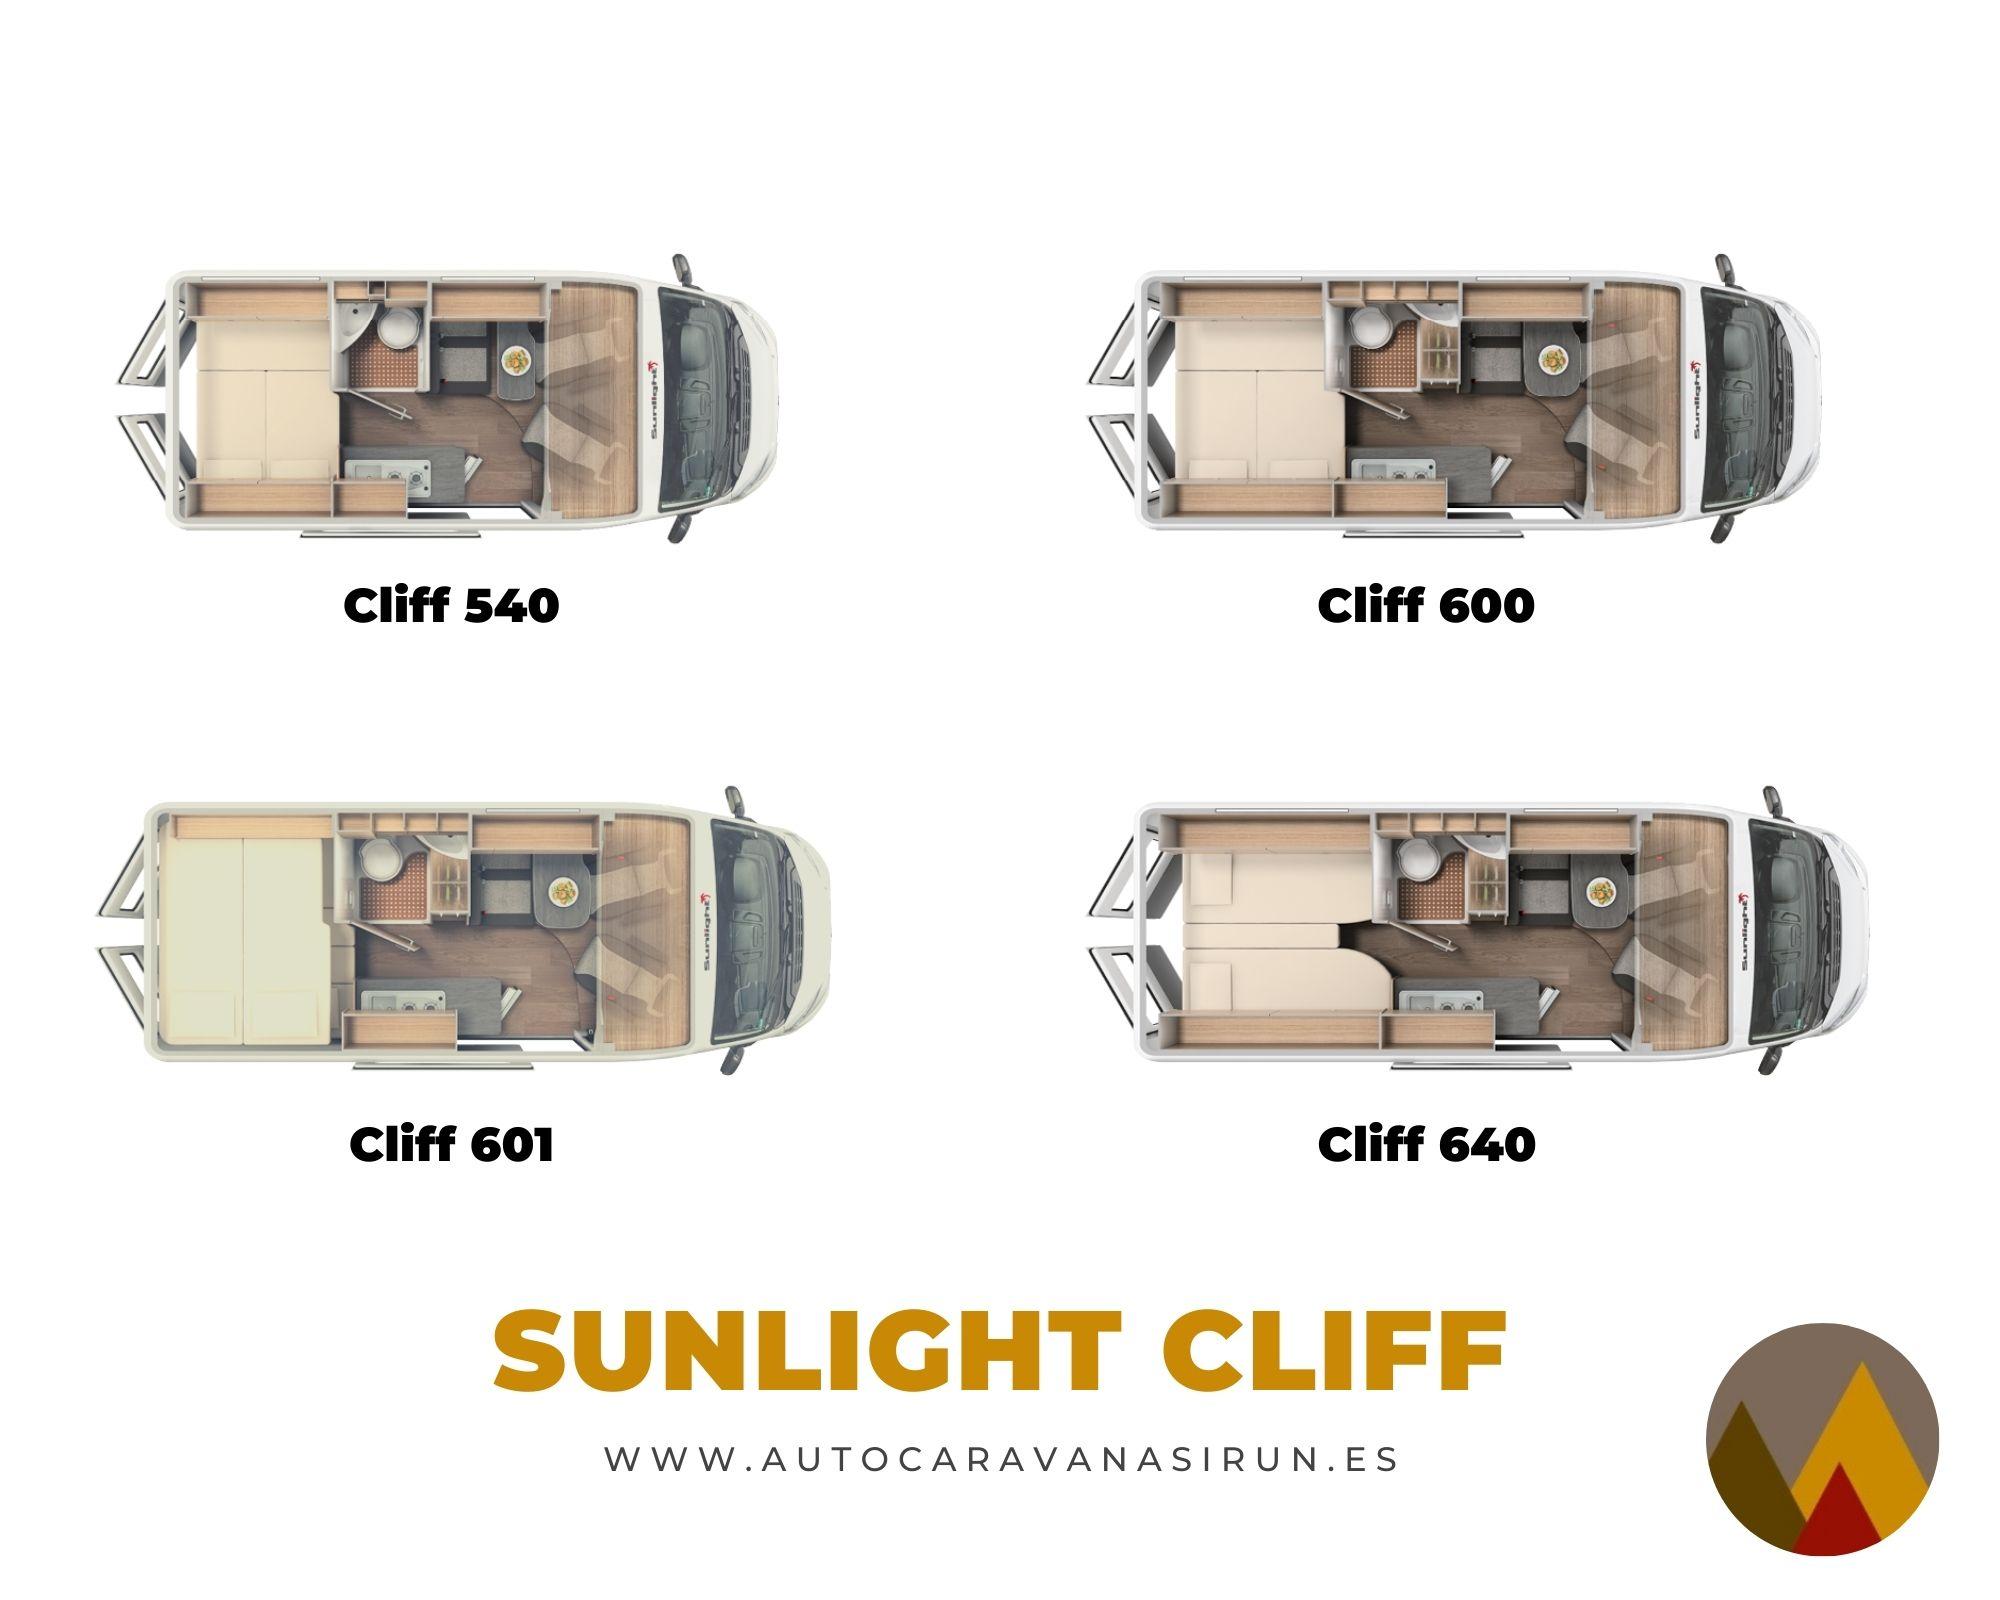 Sunlight Cliff modelos